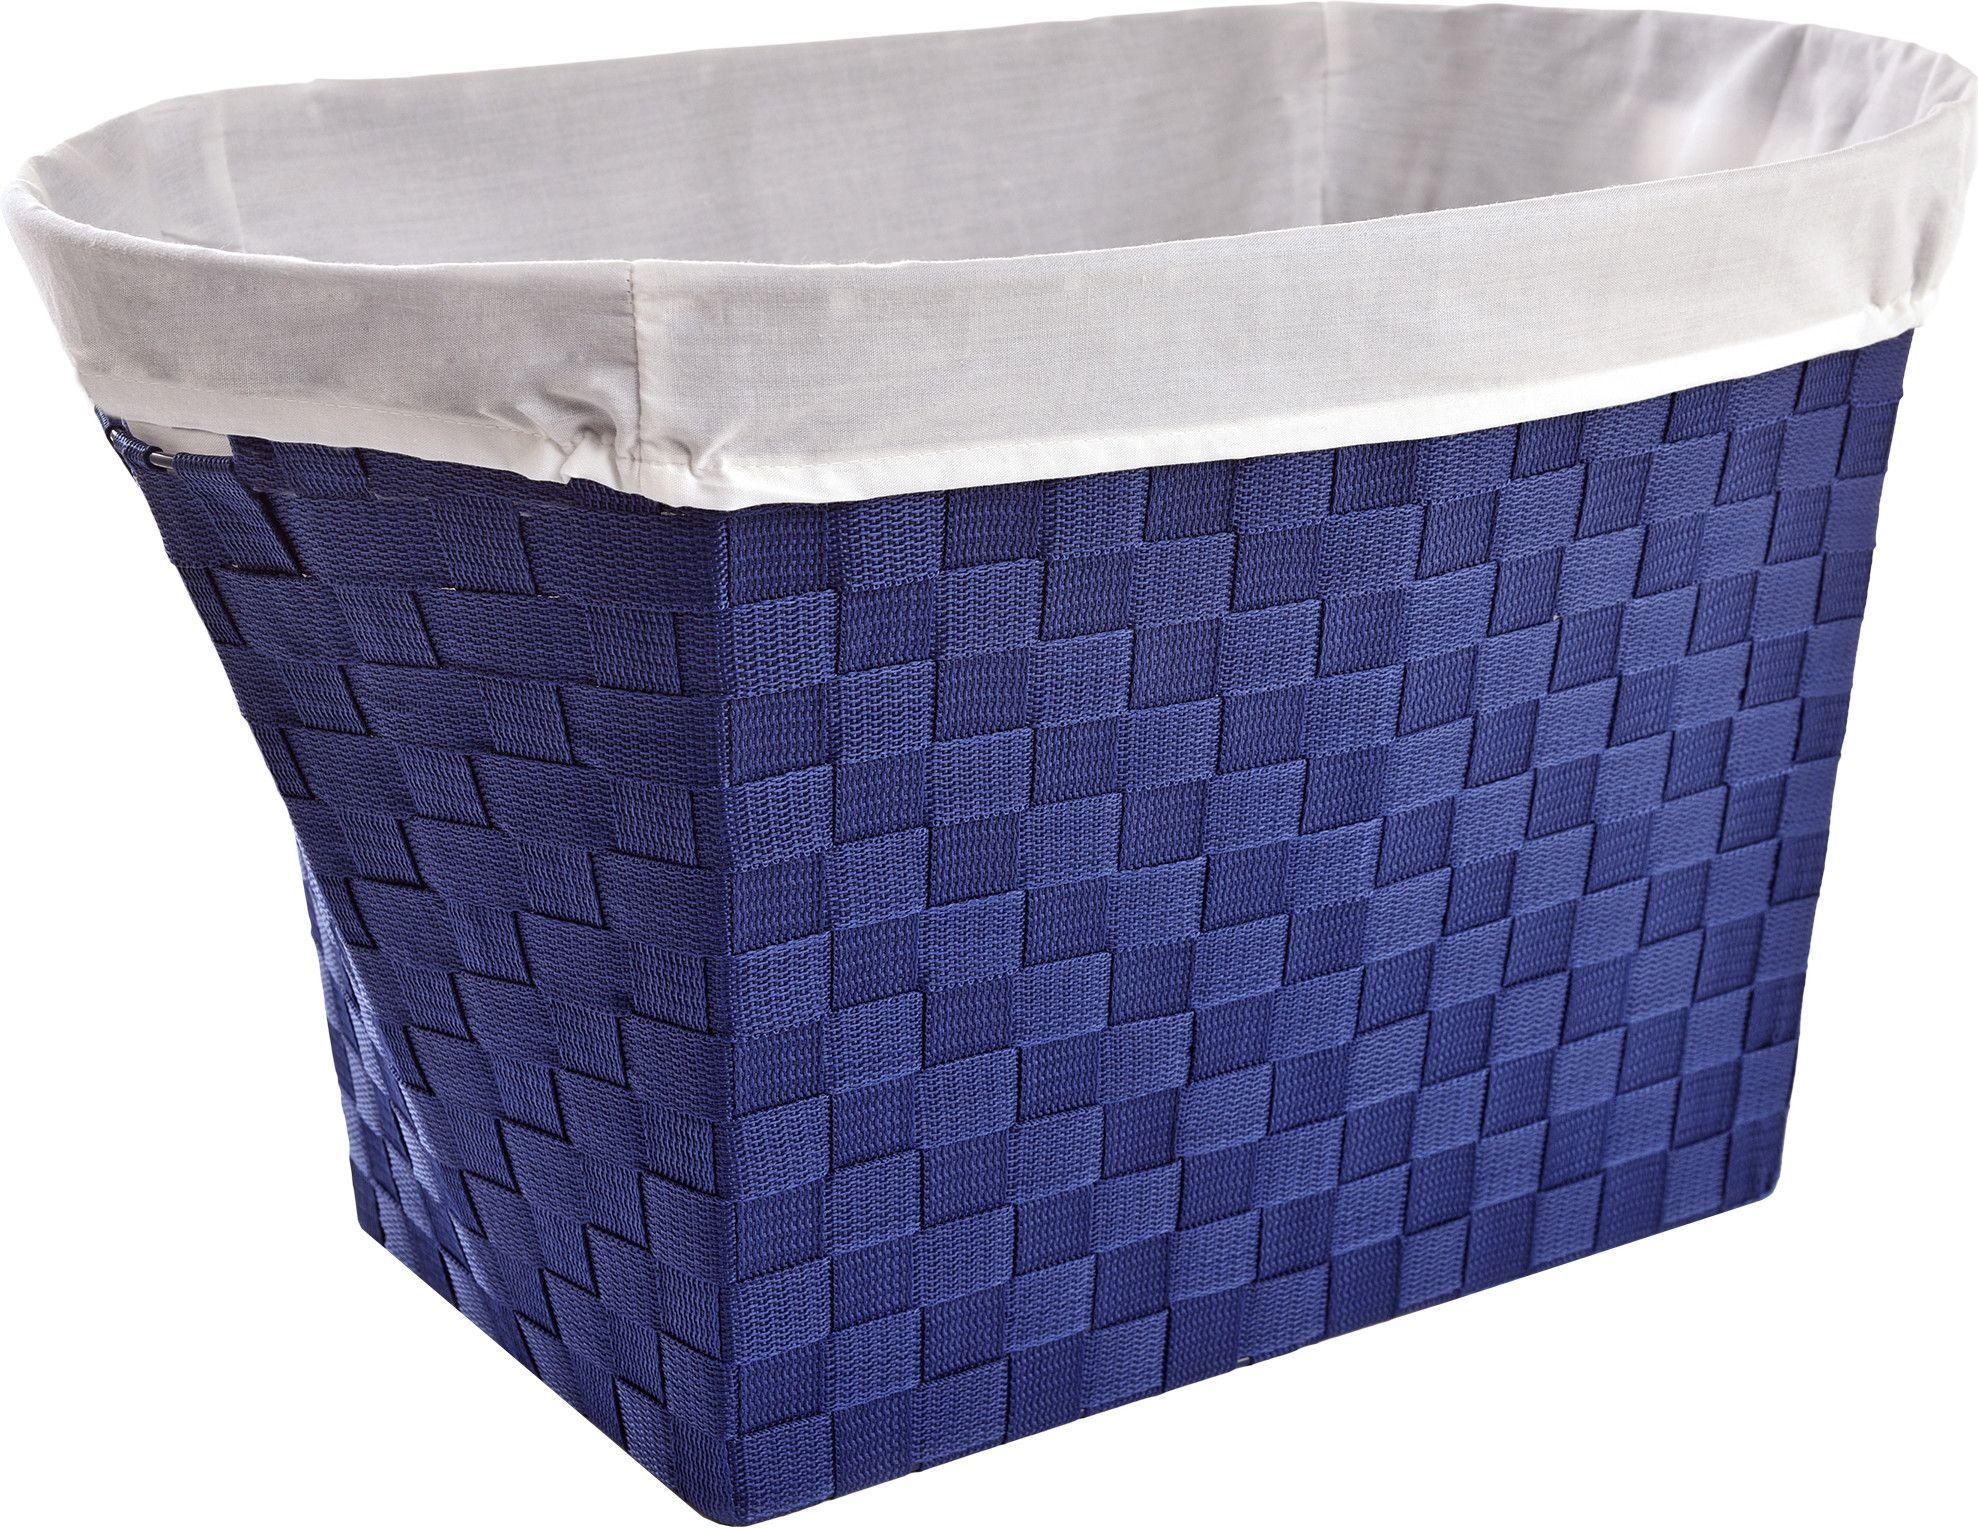 Linden Oval Basket Clothes Hamper Laundry Laundry Basket